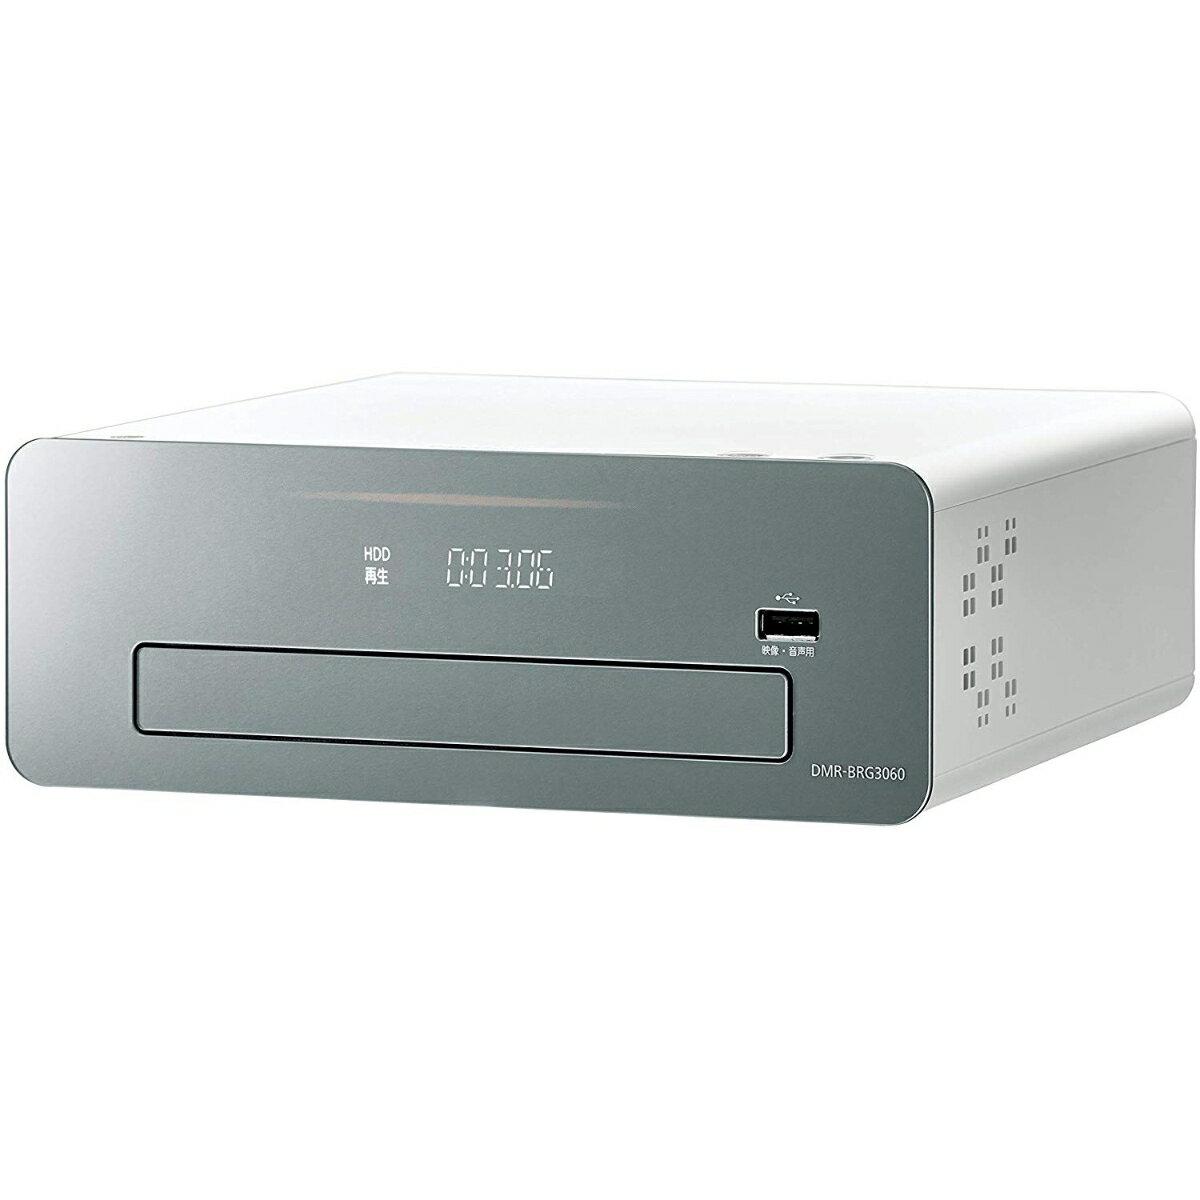 Panasonic ブルーレイディスクレコーダー DMR-BRG3060